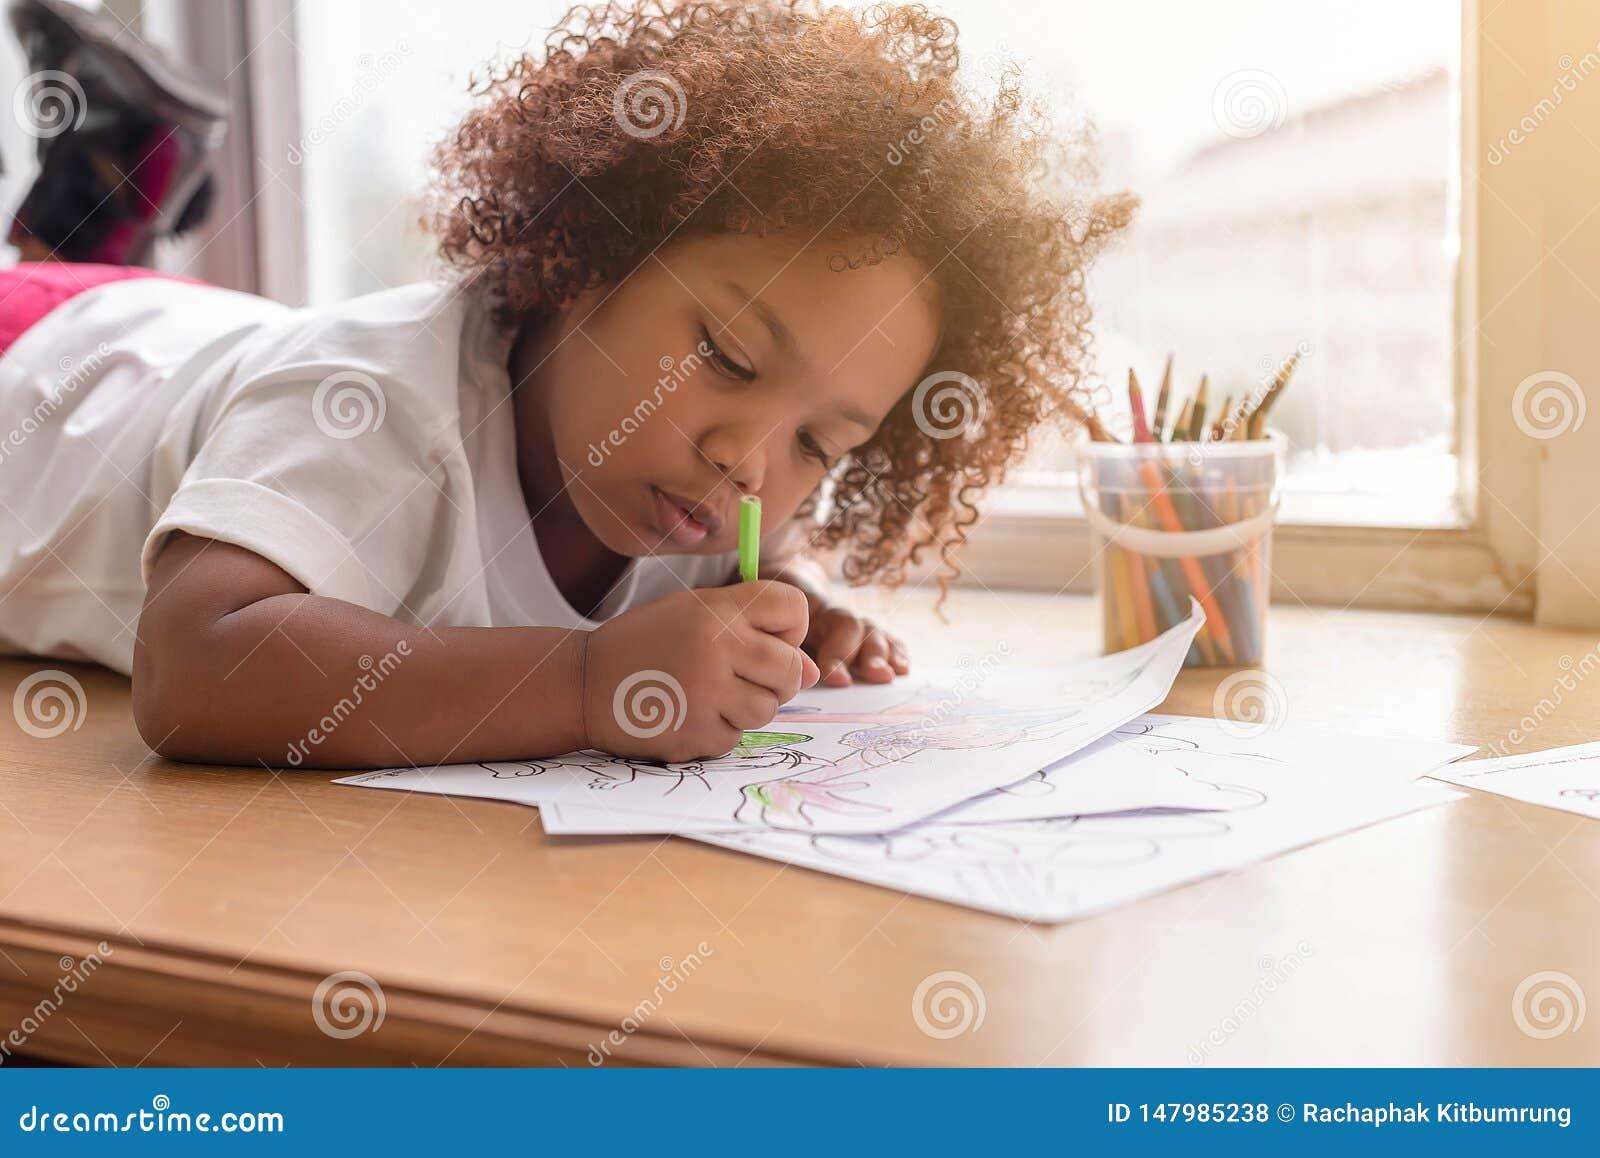 Piccolo concentrato di indicazione della ragazza del bambino sul disegno Ragazza africana della miscela imparare e giocare nella